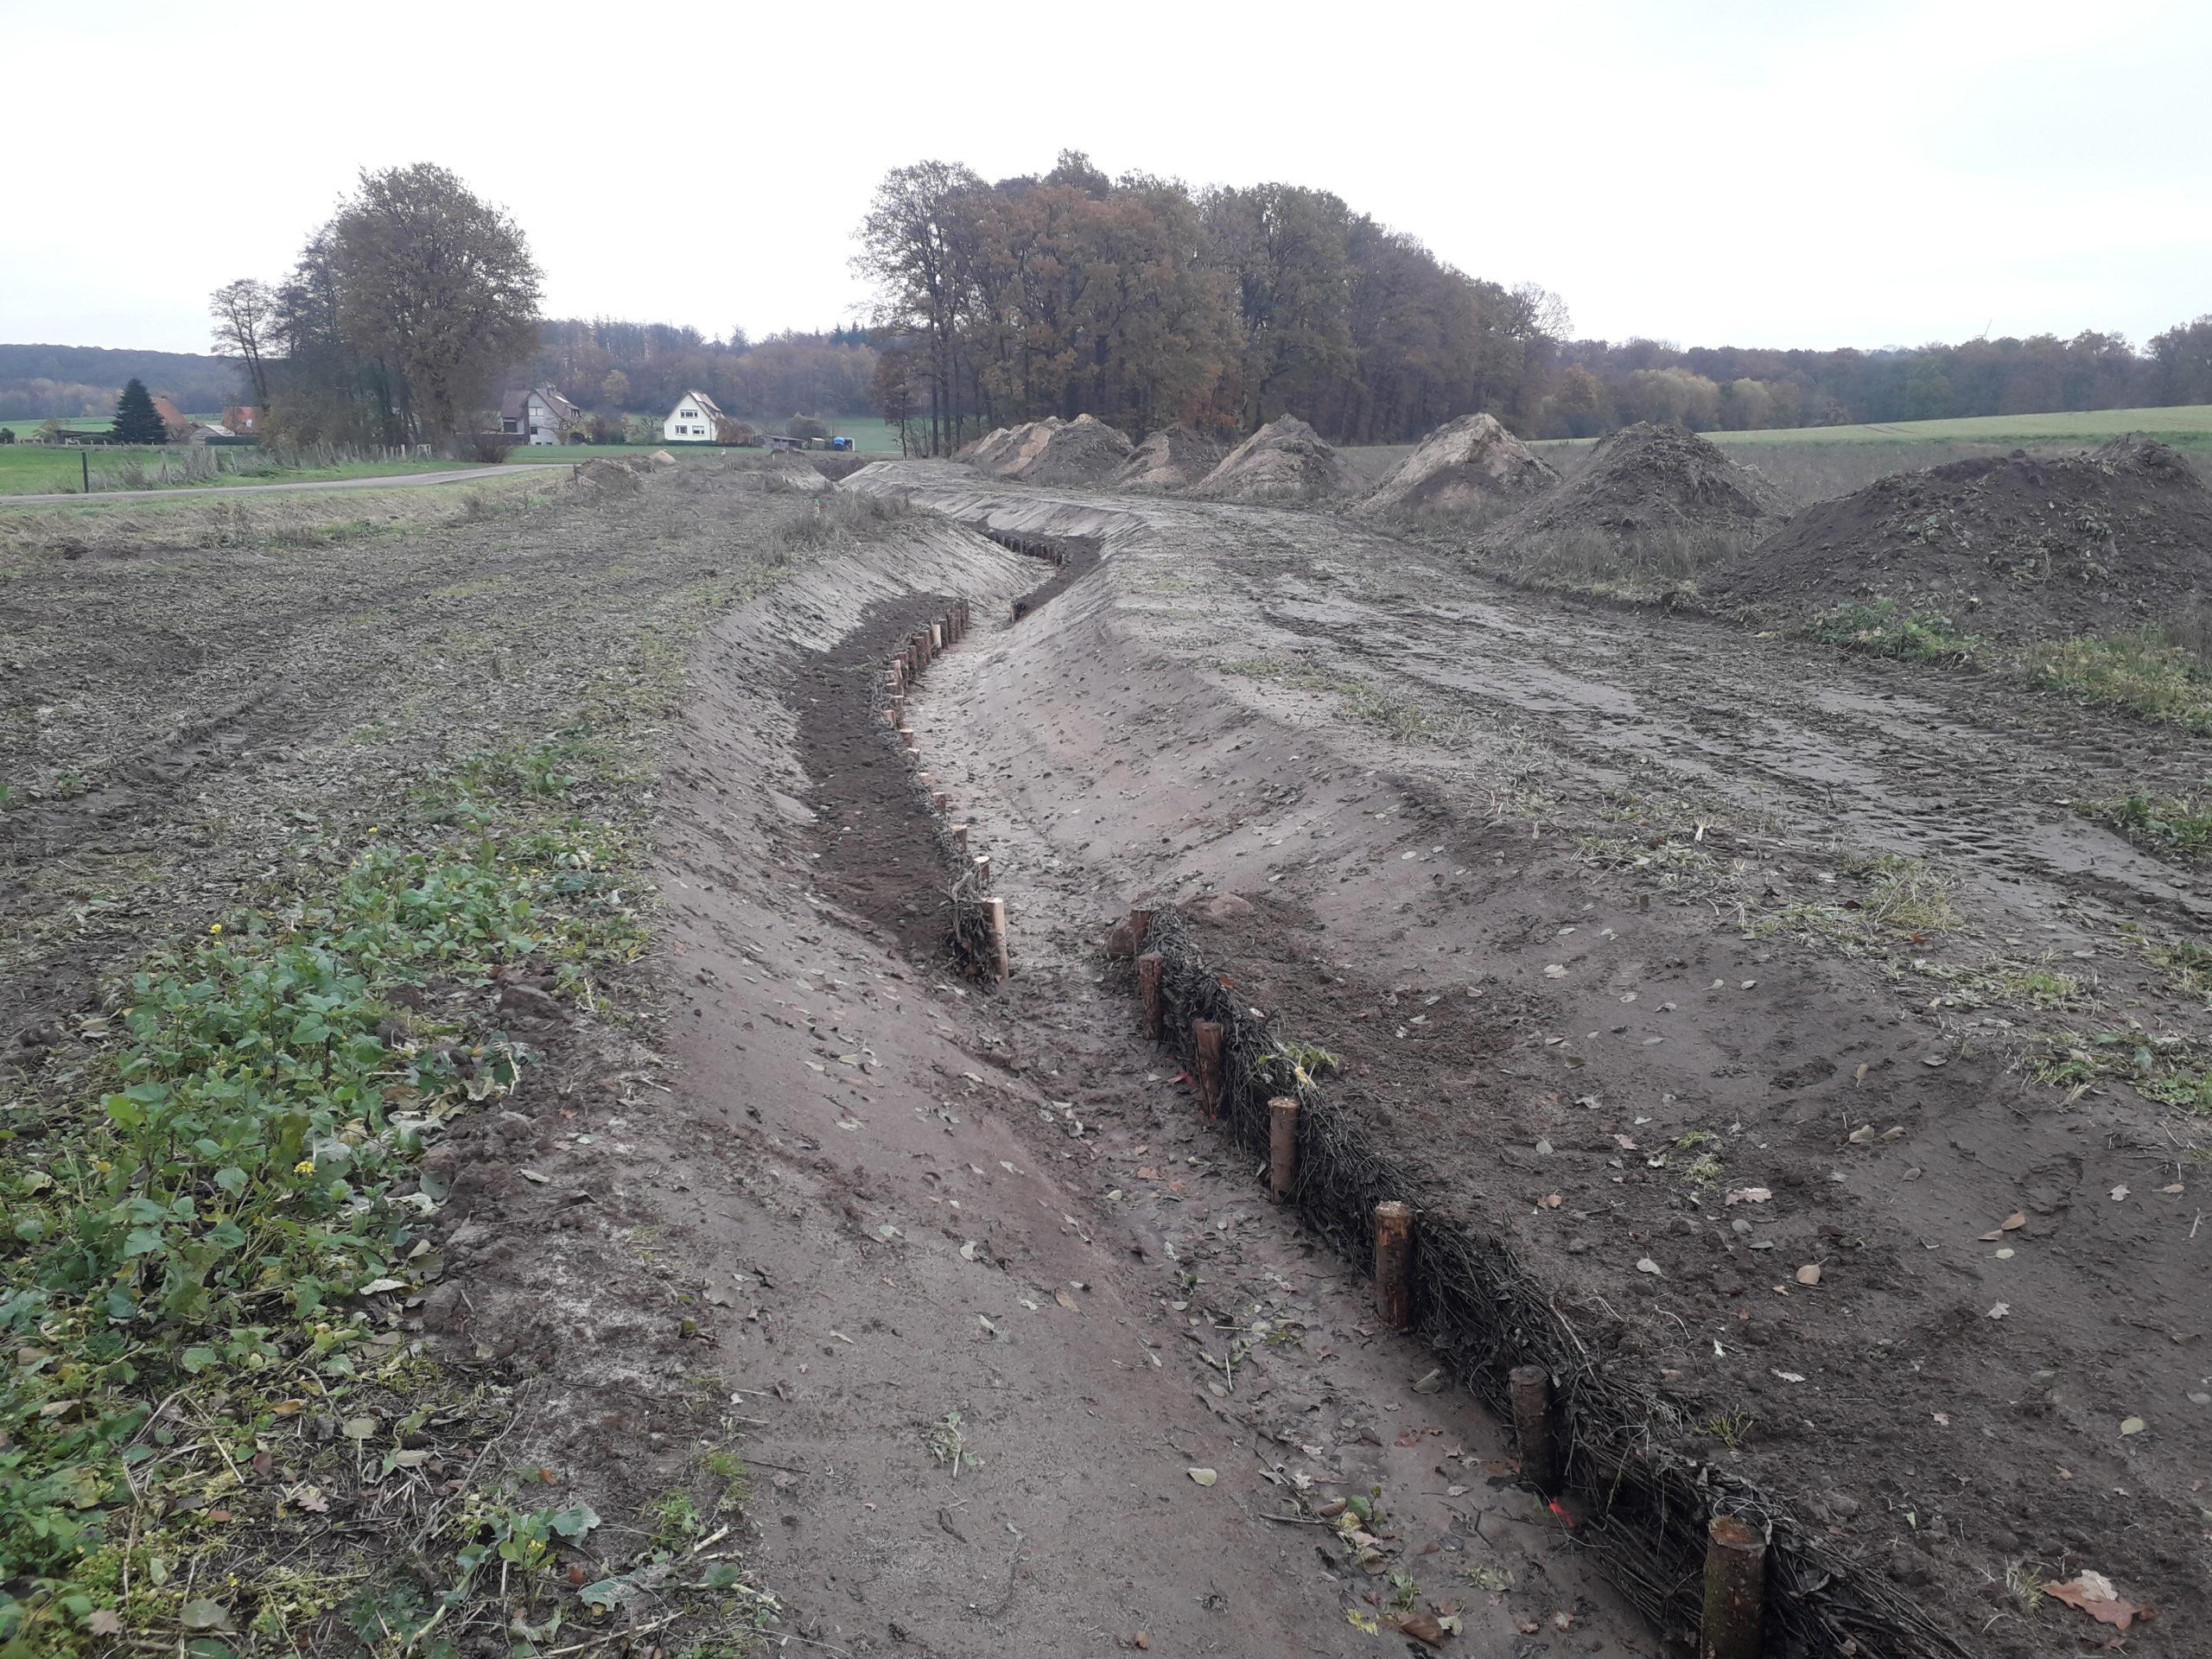 Bauphase: Anlegen des neuen Gewässerverlaufs und temporäre Prallufersicherung durch Pfahlreihen und Totholzfaschinen